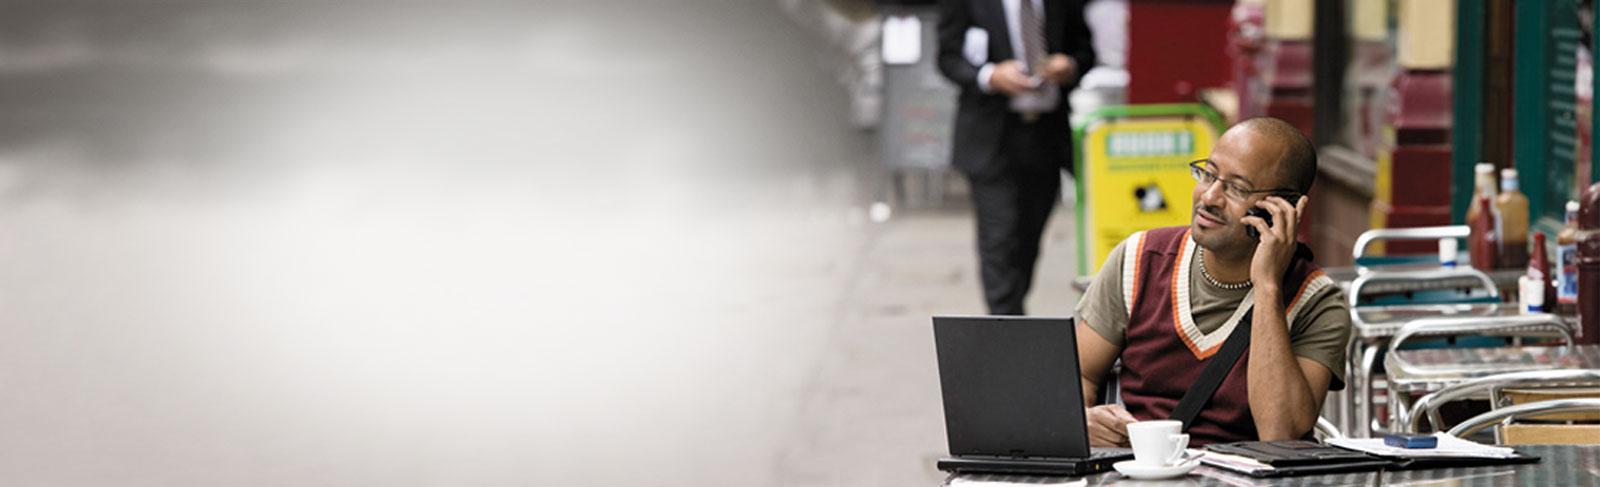 Uomo in un bar che usa la posta elettronica aziendale con Exchange Server 2013 su un telefono e un portatile.